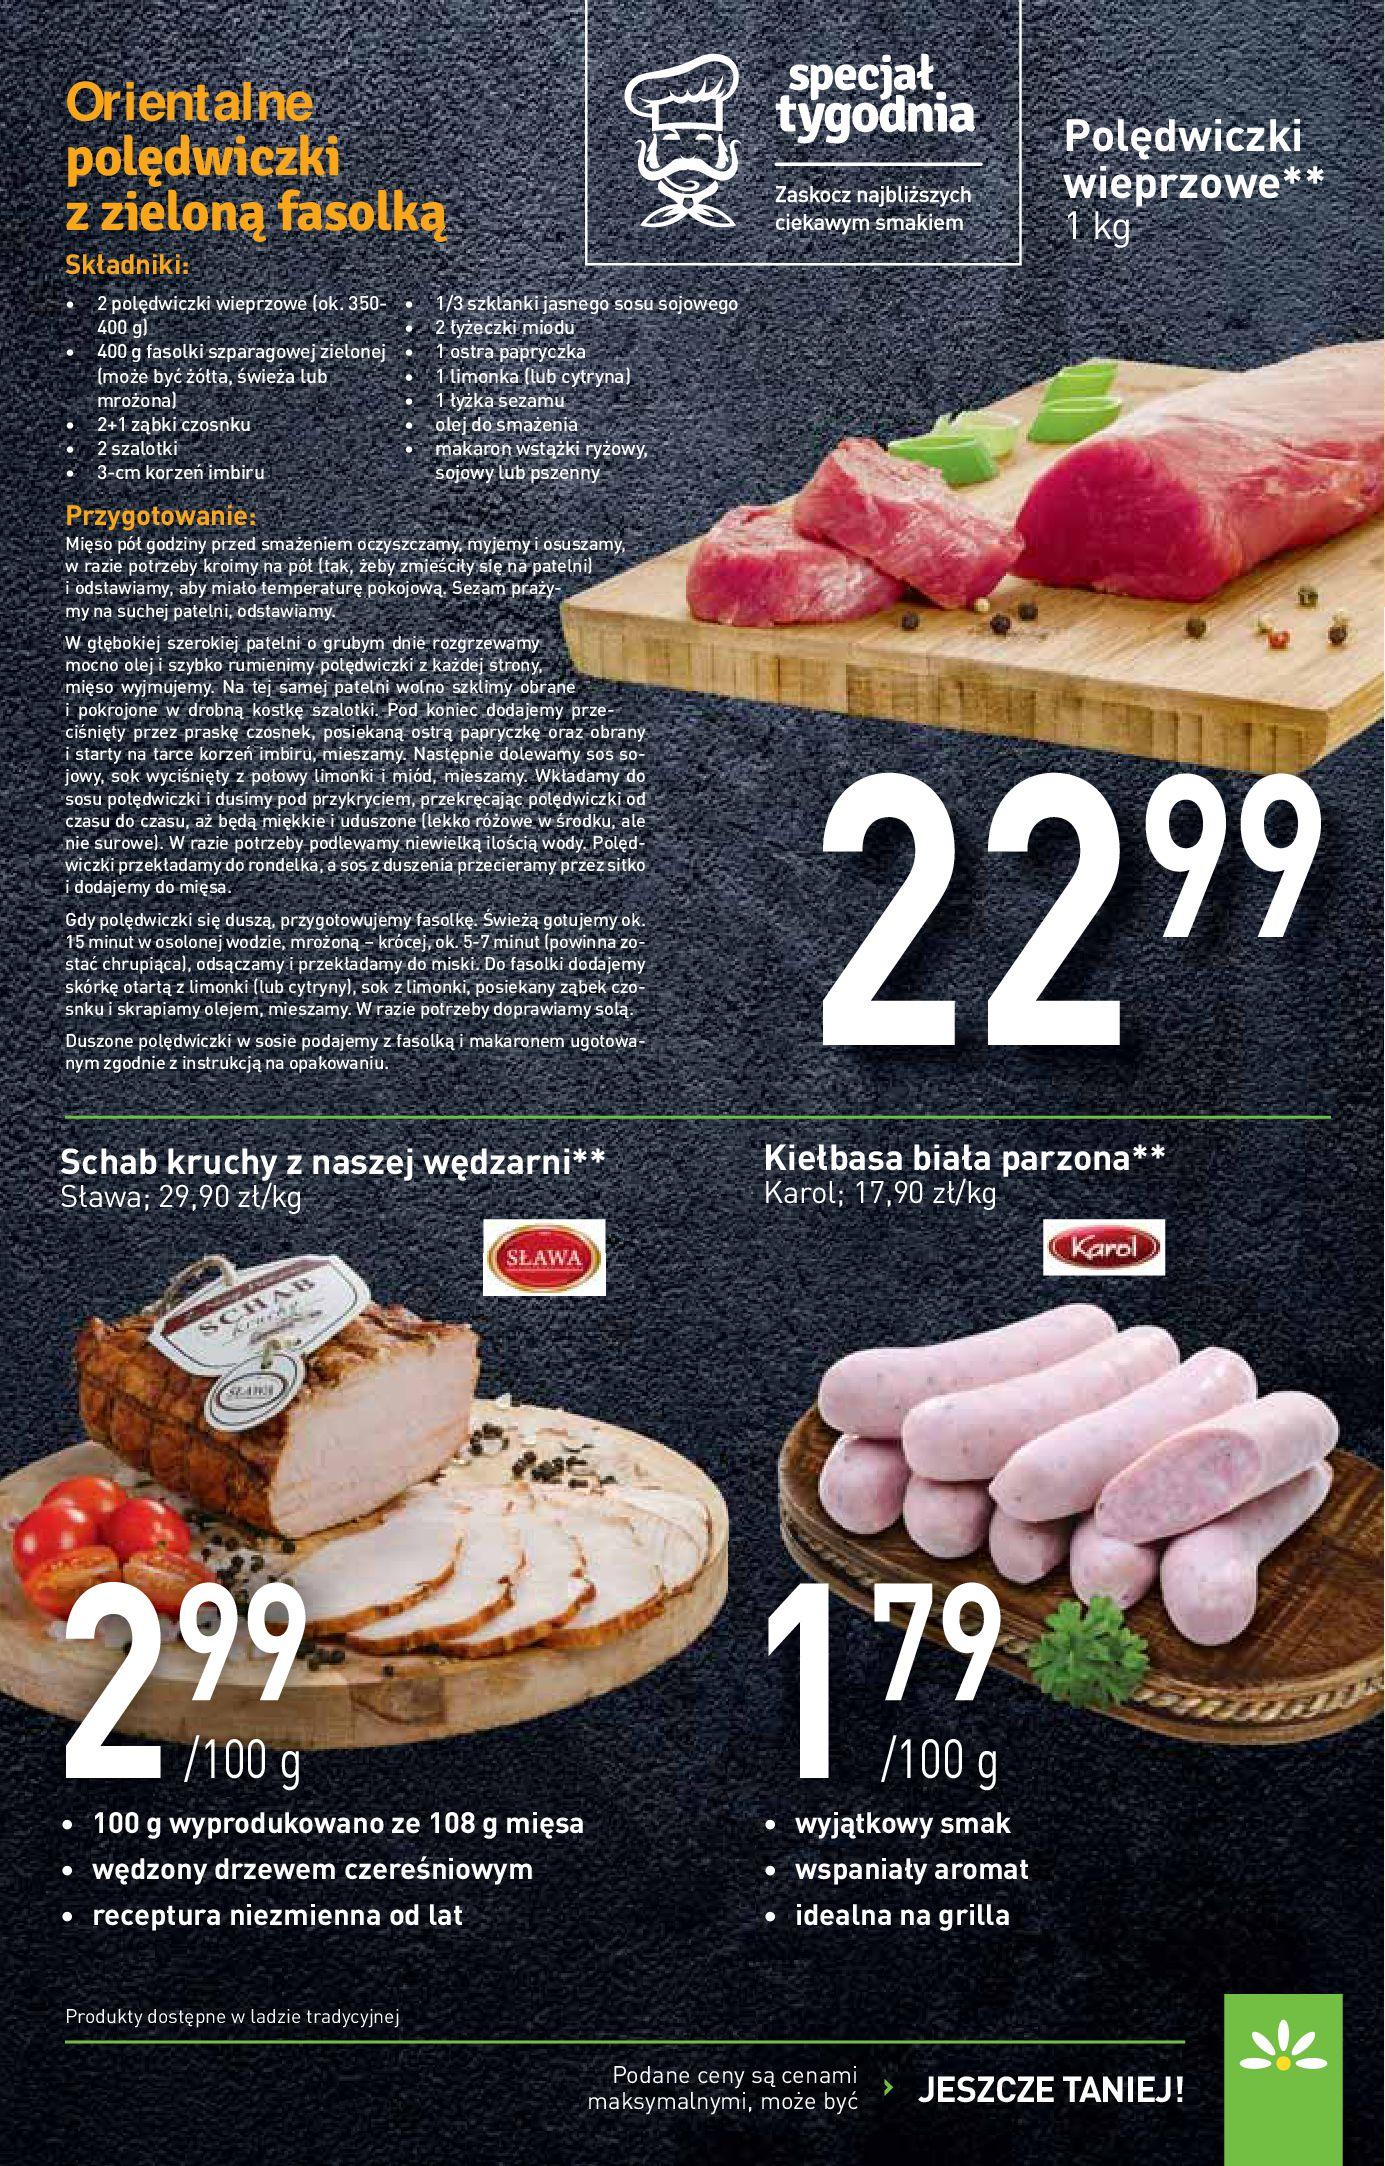 Gazetka Stokrotka Supermarket - Gazetka supermarket-13.08.2019-21.08.2019-page-6